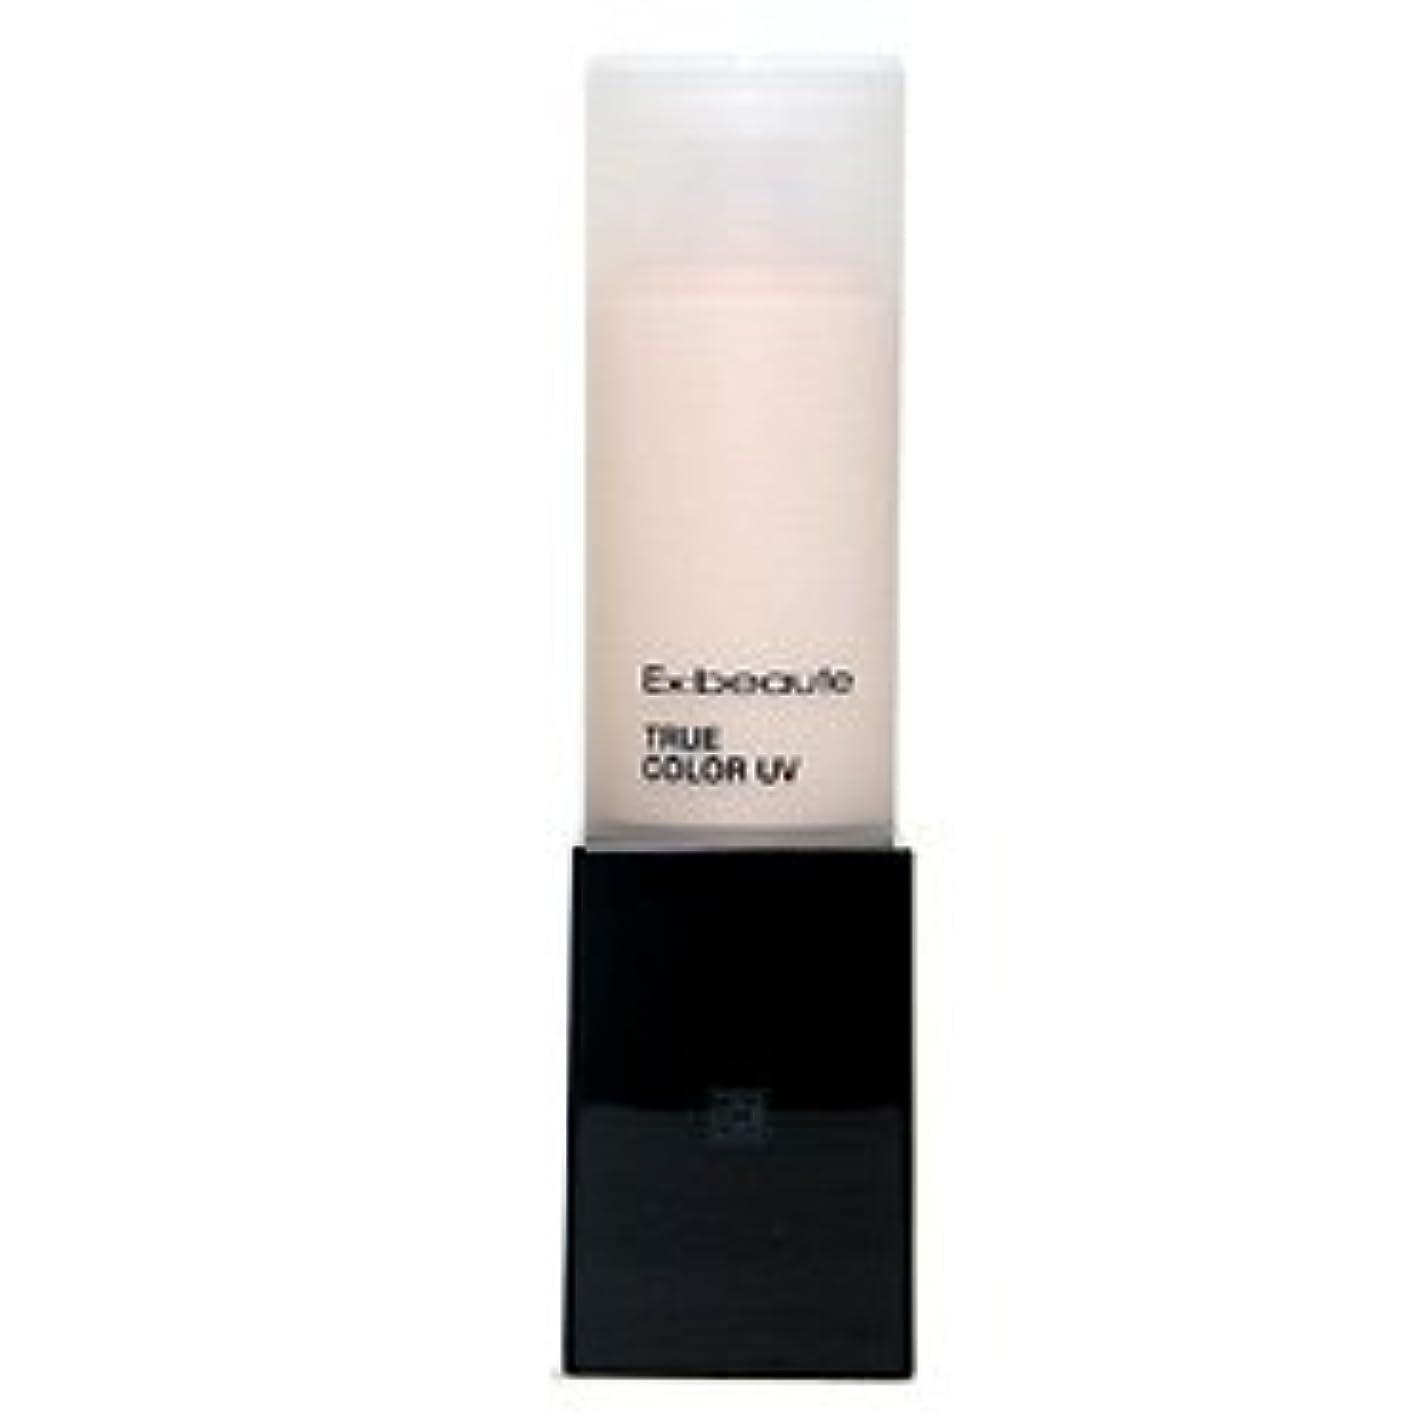 錆びナチュラ乳剤エクスボーテ トゥルーカラー UV SPF15 PA++ 23g イエロー (在庫)